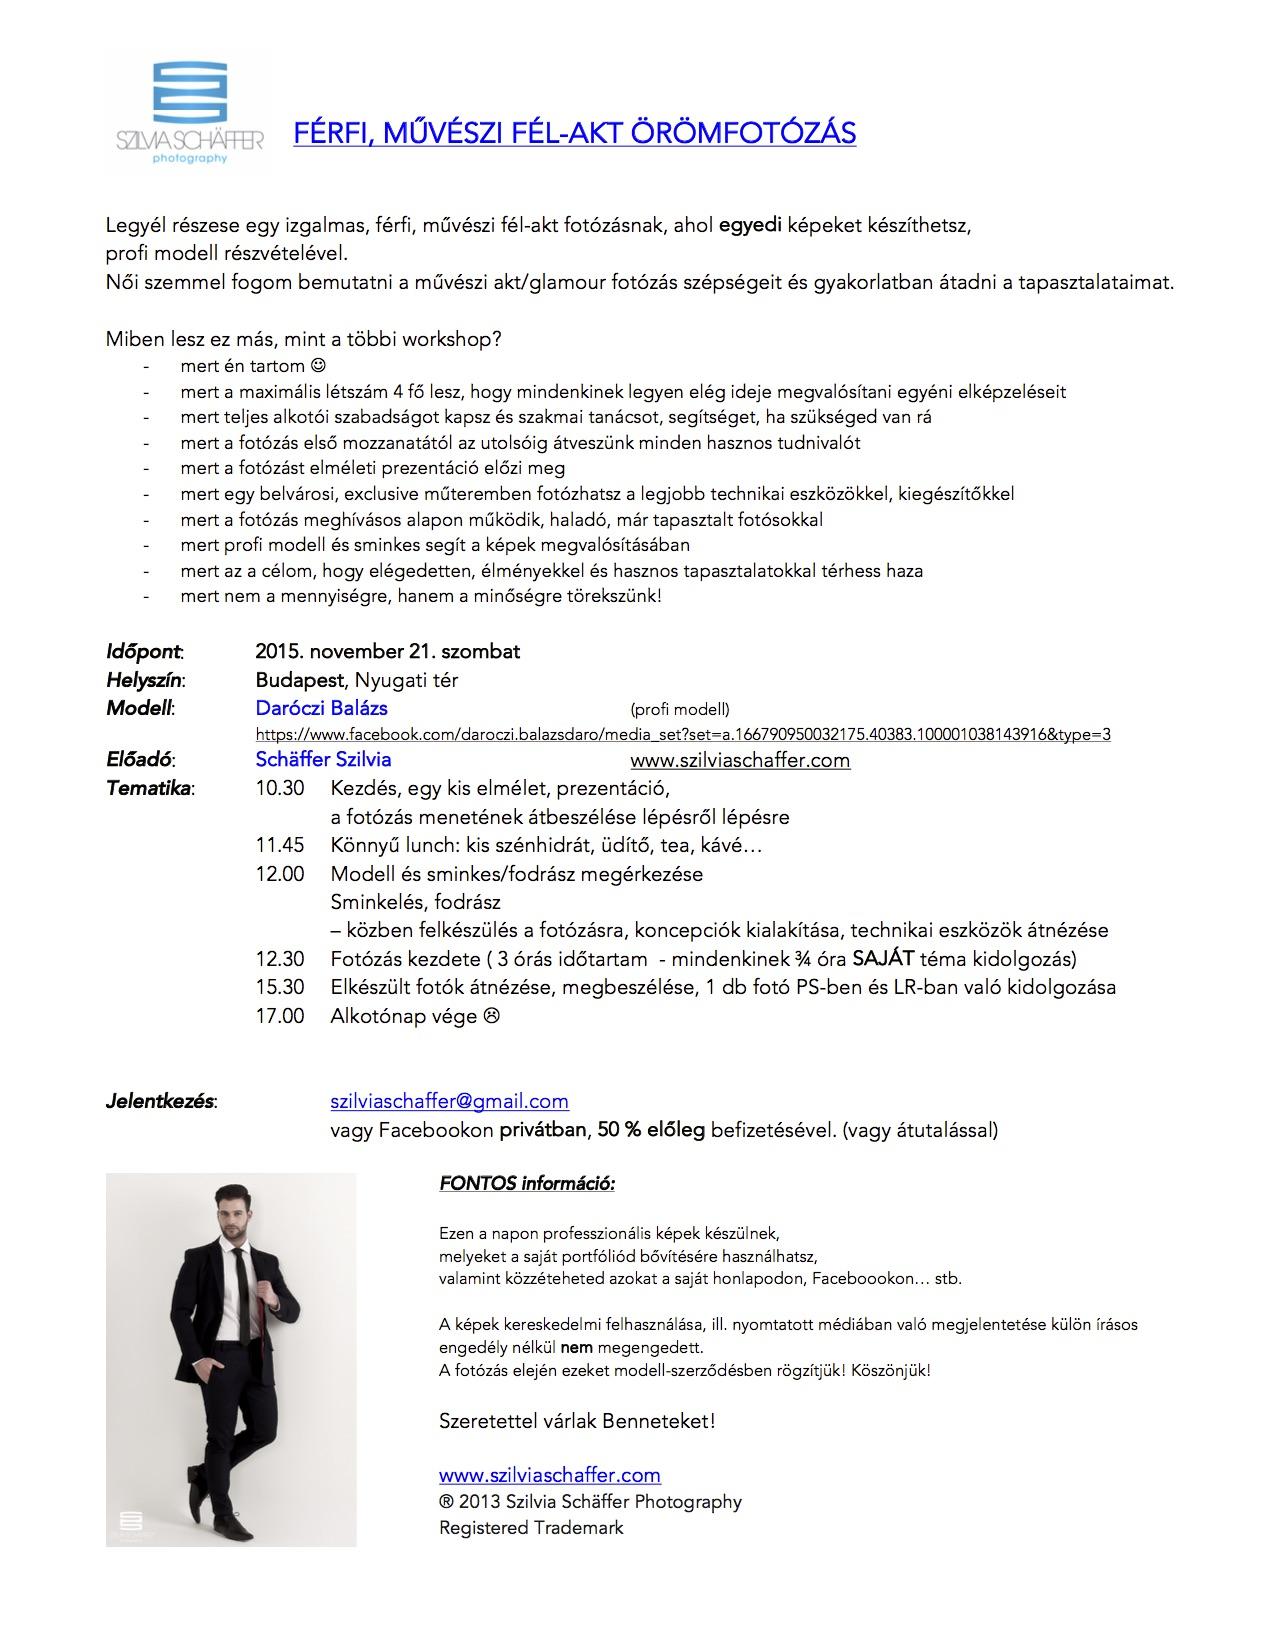 2015 november FÉRFI fél-akt ÖRÖMFOTÓZÁS- new2 face másolat